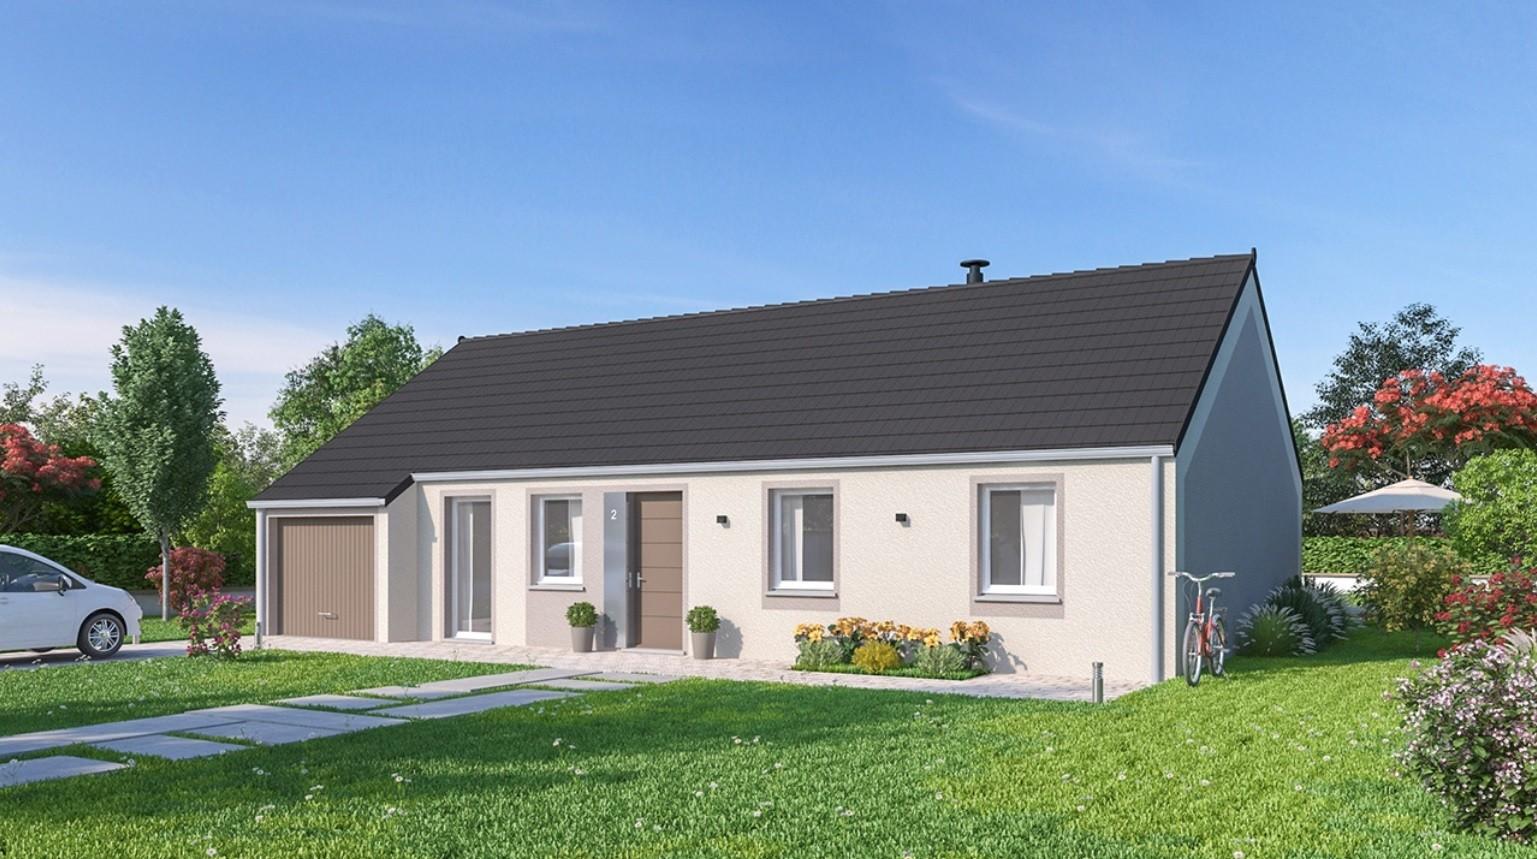 Maisons + Terrains du constructeur MAISONS PHENIX • 102 m² • NANCY